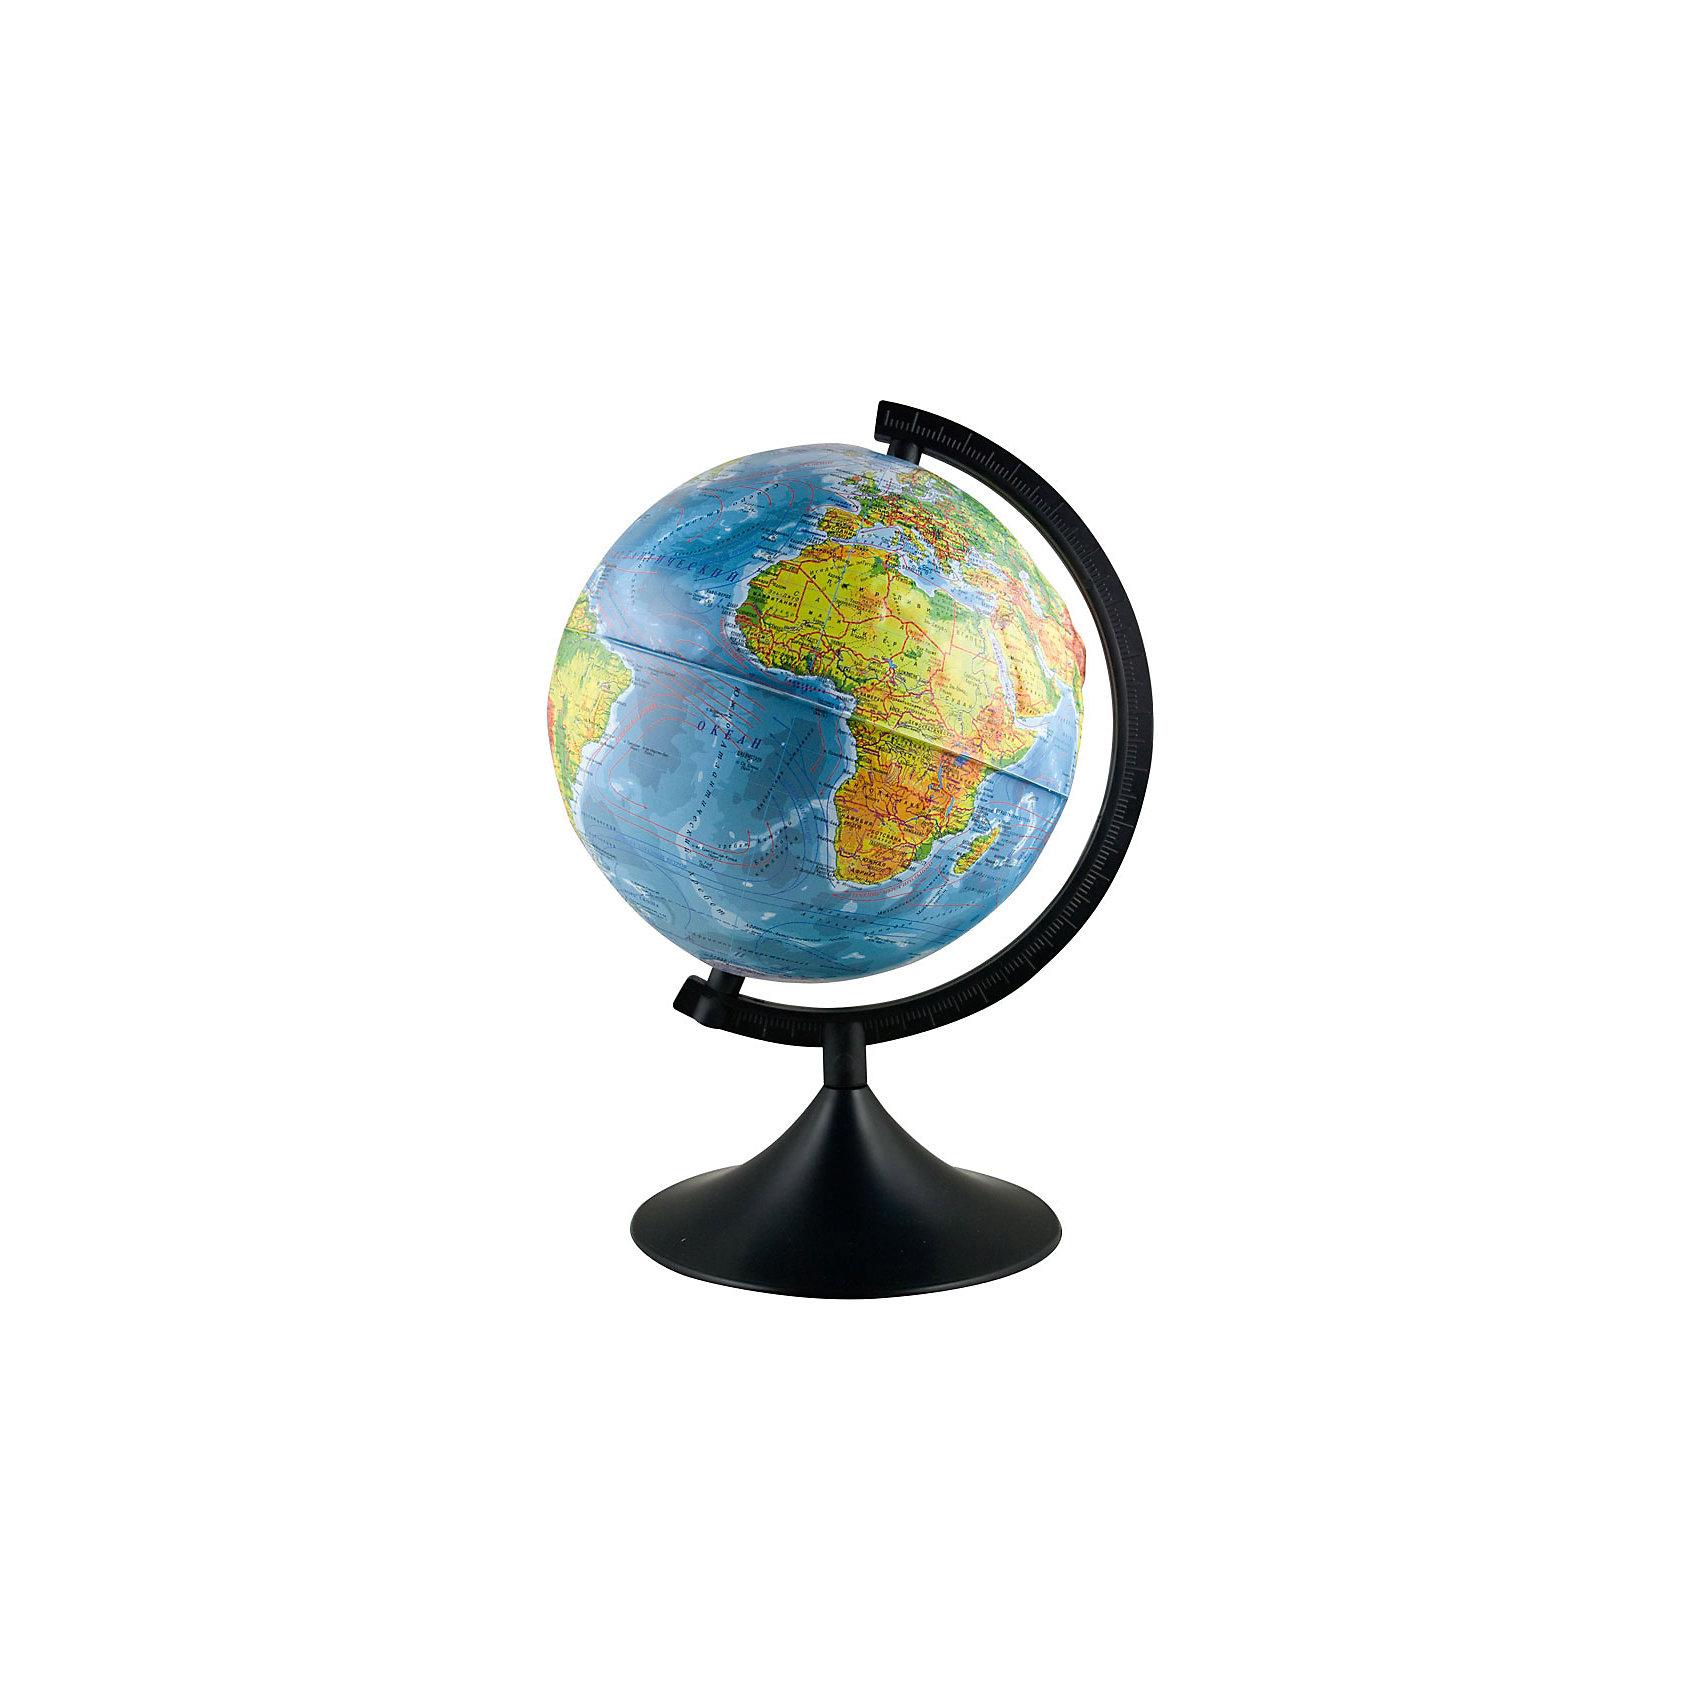 Глобус Земли физический рельефный, диаметр 250 ммГлобусы<br>Глобус Земли физический рельефный, д-р 250.<br><br>Характеристики:<br><br>• Для детей в возрасте: от 6 лет<br>• Диаметр: 25 см.<br>• Материал: пластик<br>• Цвет подставки и дуги: черный<br><br>Глобус Земли физический станет замечательным наглядным пособием для вашего ребенка. Физическая карта отображает ландшафт поверхности земного шара в соответствии с принятыми цветовыми условными обозначениями в картографии. Нанесены названия материков, океанов, морей, течений, заливов, горных хребтов, плоскогорий и низменностей, а также других географических объектов. Кроме этого отображены названия государств. Надписи яркие, четкие на русском языке. Карта имеет рельеф поверхности в соответствии с нанесенным на нее ландшафтом. Сфера глобуса изготовлена из прочного высококачественного пластика, поэтому она не расколется от случайного падения. Устойчивая подставка и дуга с градусными отметками выполнены из прочного высококачественного пластика черного цвета. Оптимальный диаметр глобуса 25 см позволит ему не занимать много места на столе.<br><br>Глобус Земли физический рельефный, д-р 250 можно купить в нашем интернет-магазине.<br><br>Ширина мм: 270<br>Глубина мм: 250<br>Высота мм: 250<br>Вес г: 900<br>Возраст от месяцев: 72<br>Возраст до месяцев: 2147483647<br>Пол: Унисекс<br>Возраст: Детский<br>SKU: 5504471